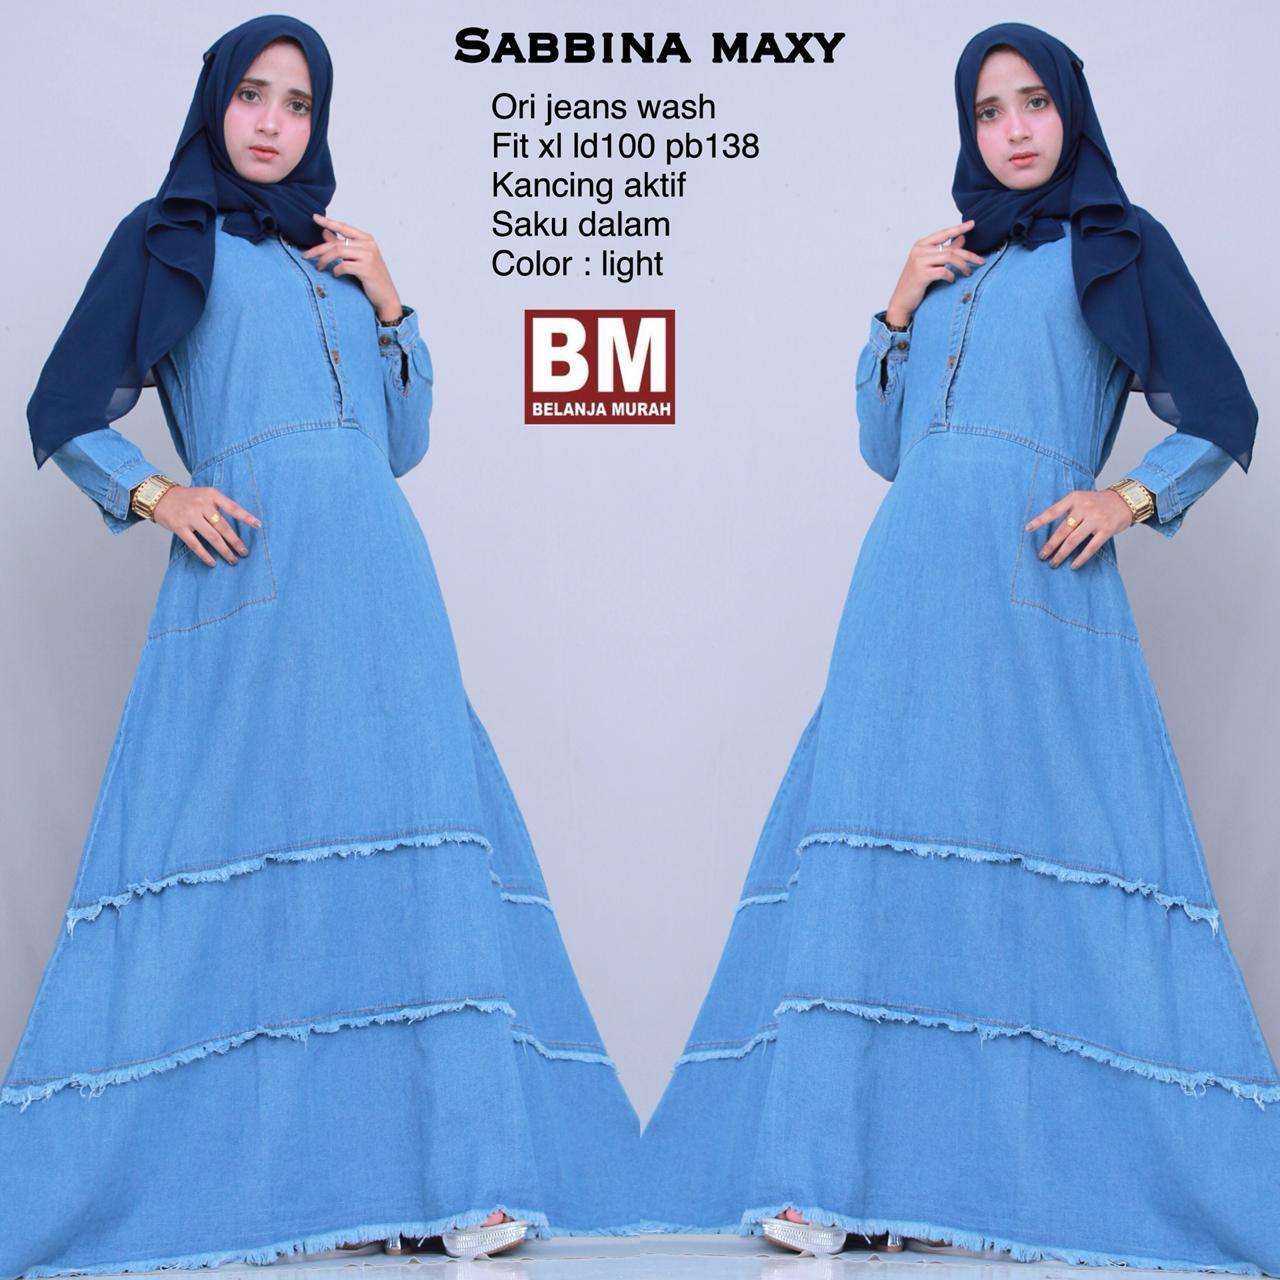 Sabbina Maxy - Maxy Dress - Gamis Jeans - Gamis Model Terbaru - Baju Muslim  Berkualitas 27ad3832bf